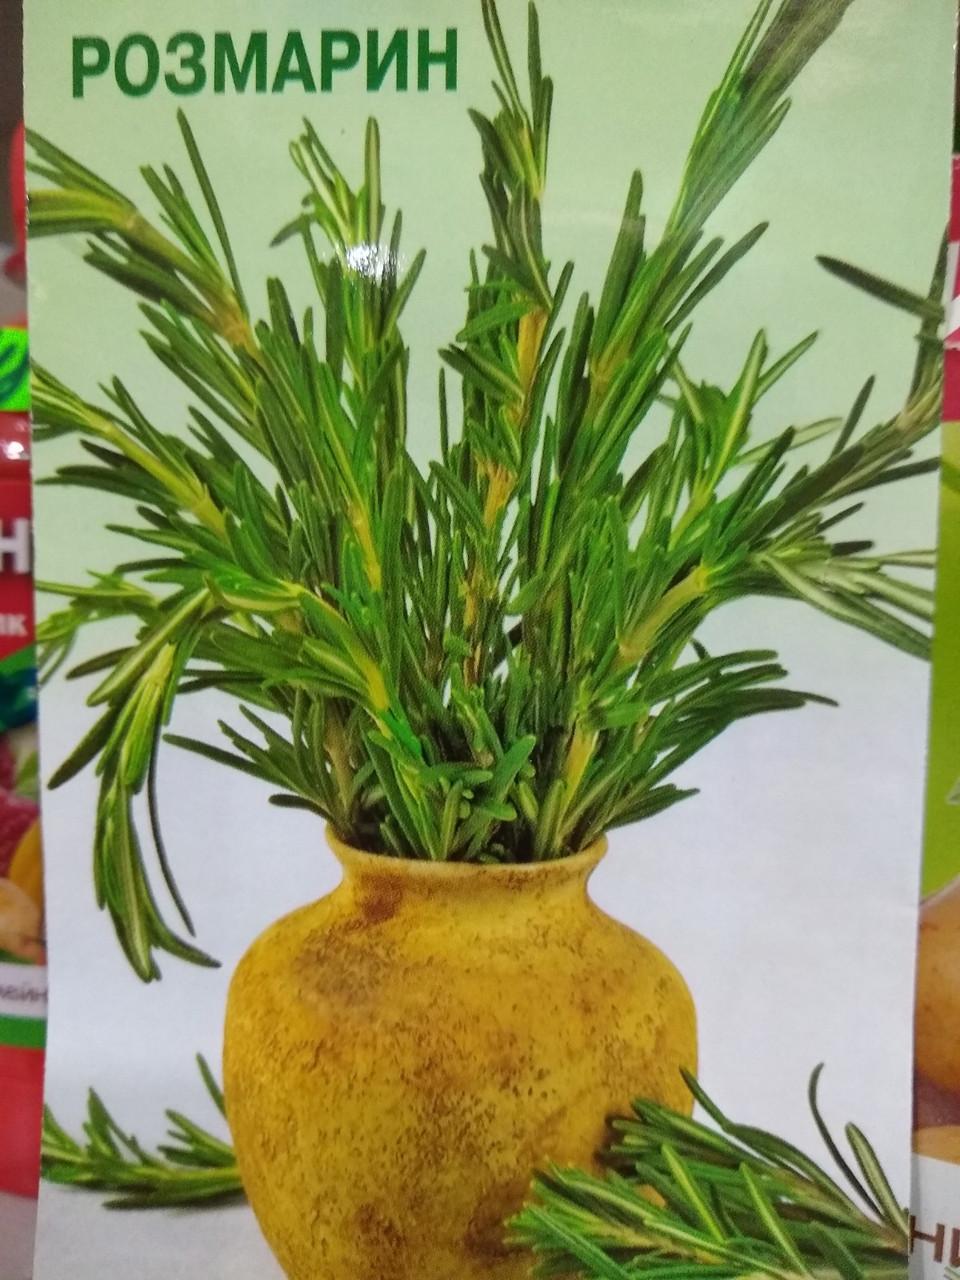 Розмарин лекарственный, Rosmarinus officinalis, 0.02 грамма